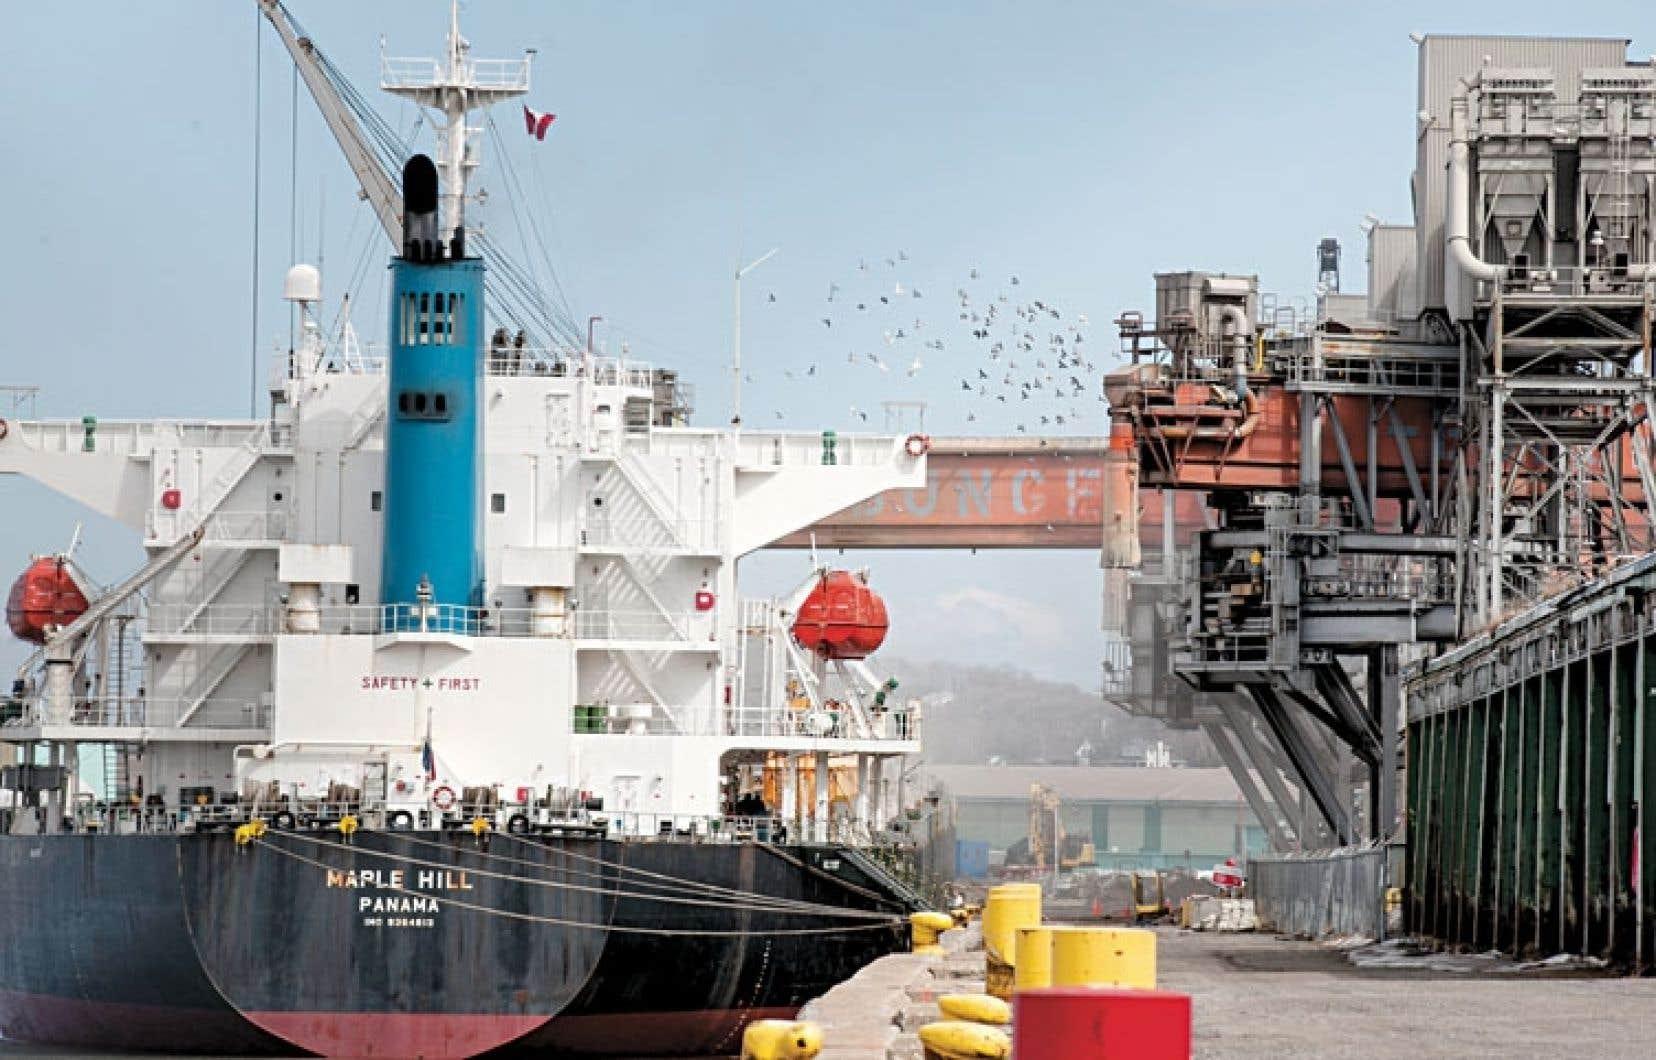 La source d'émission de poussière de nickel a été localisée au port de Québec.